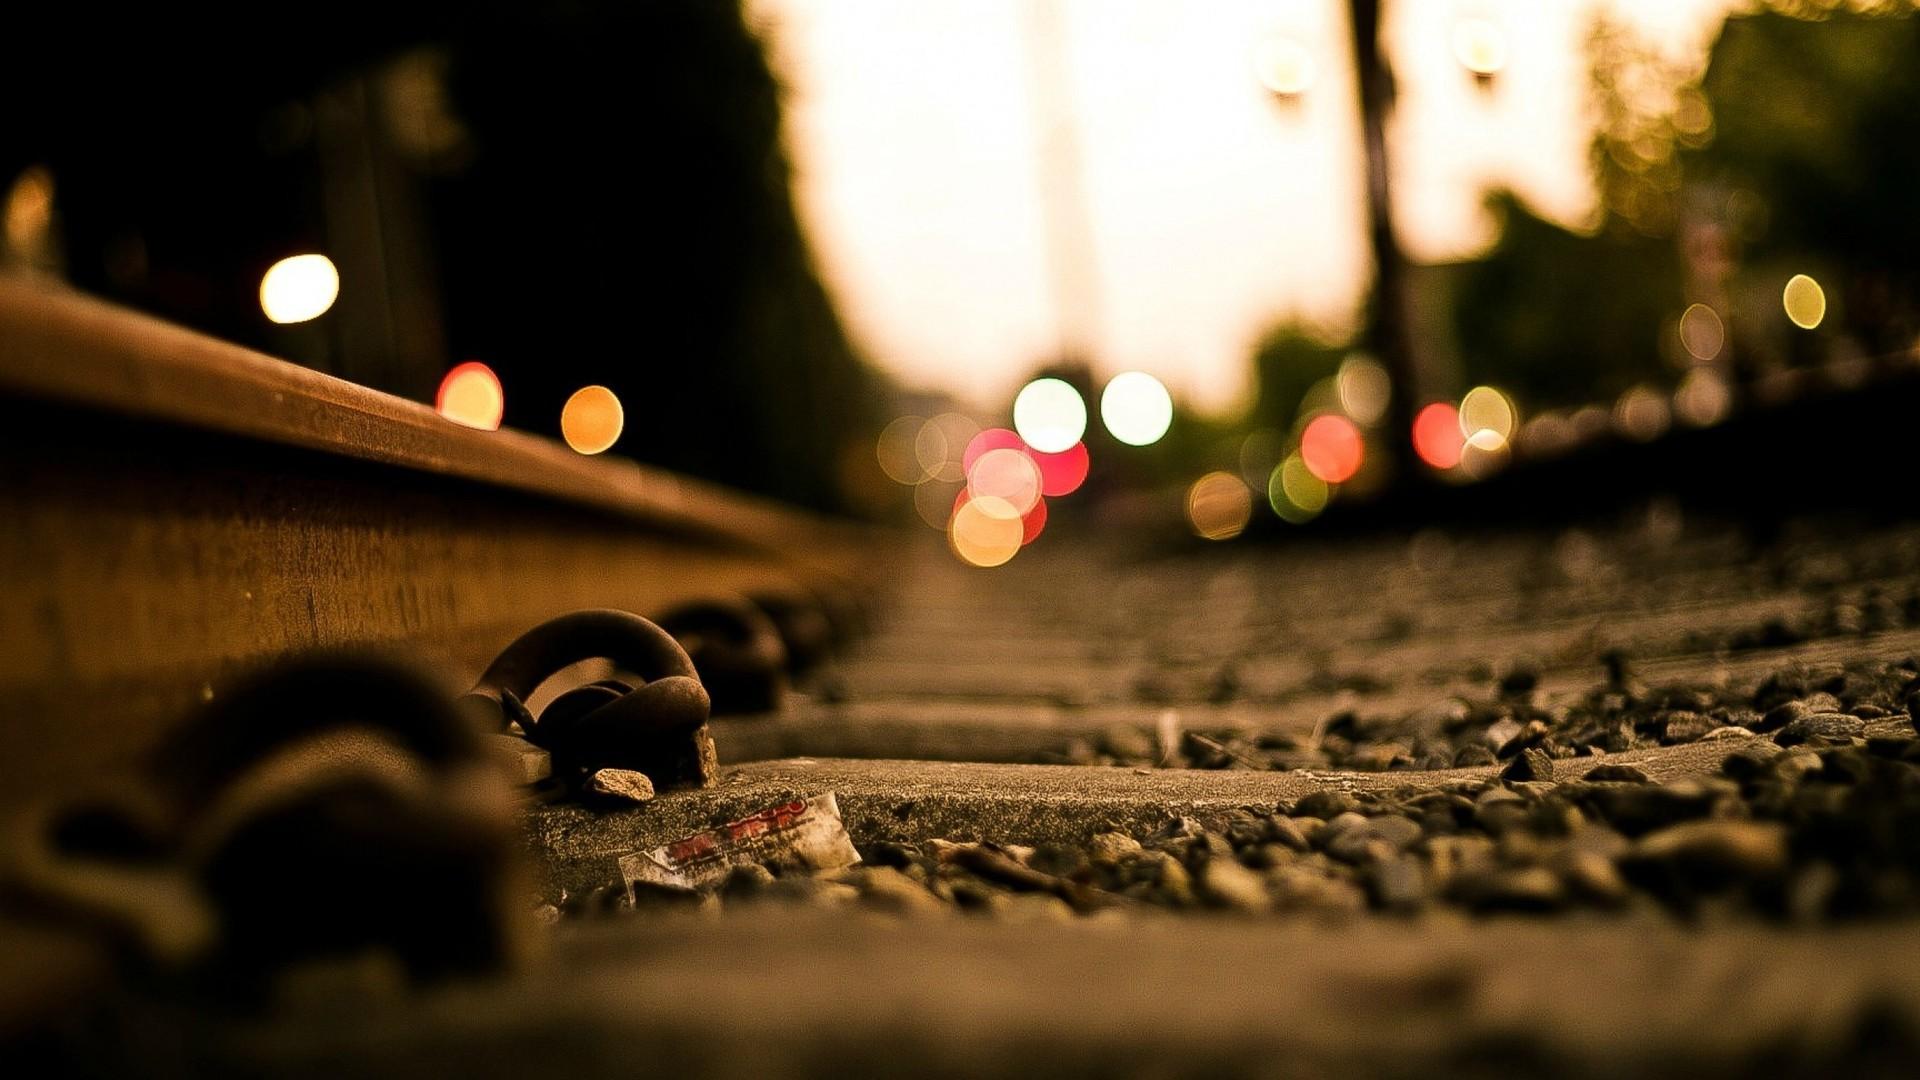 Railroad tracks Wallpaper 2541 1920x1080